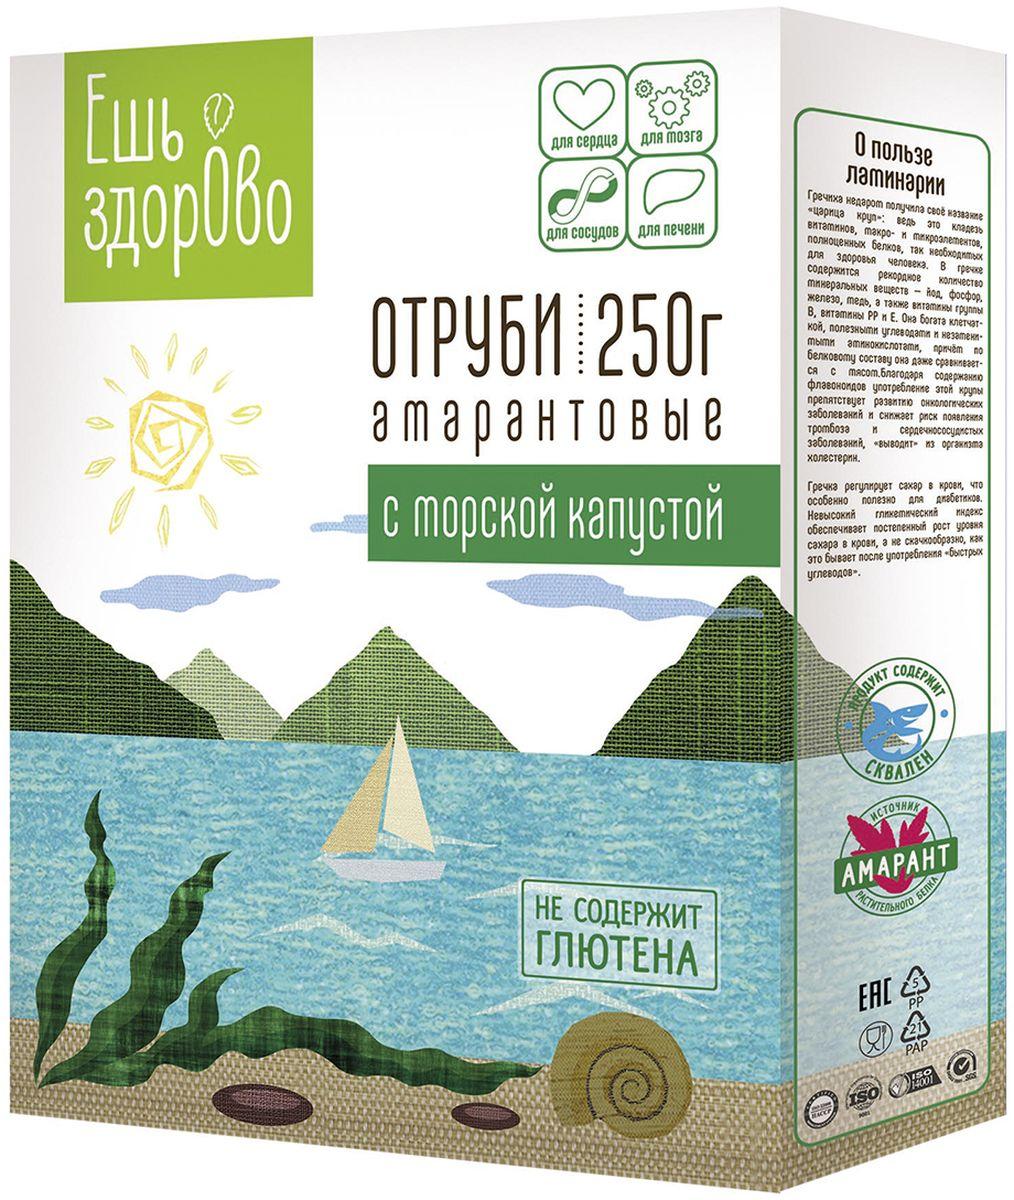 Ешь здорово отруби амарантовые с морской капустой, 250 г цена